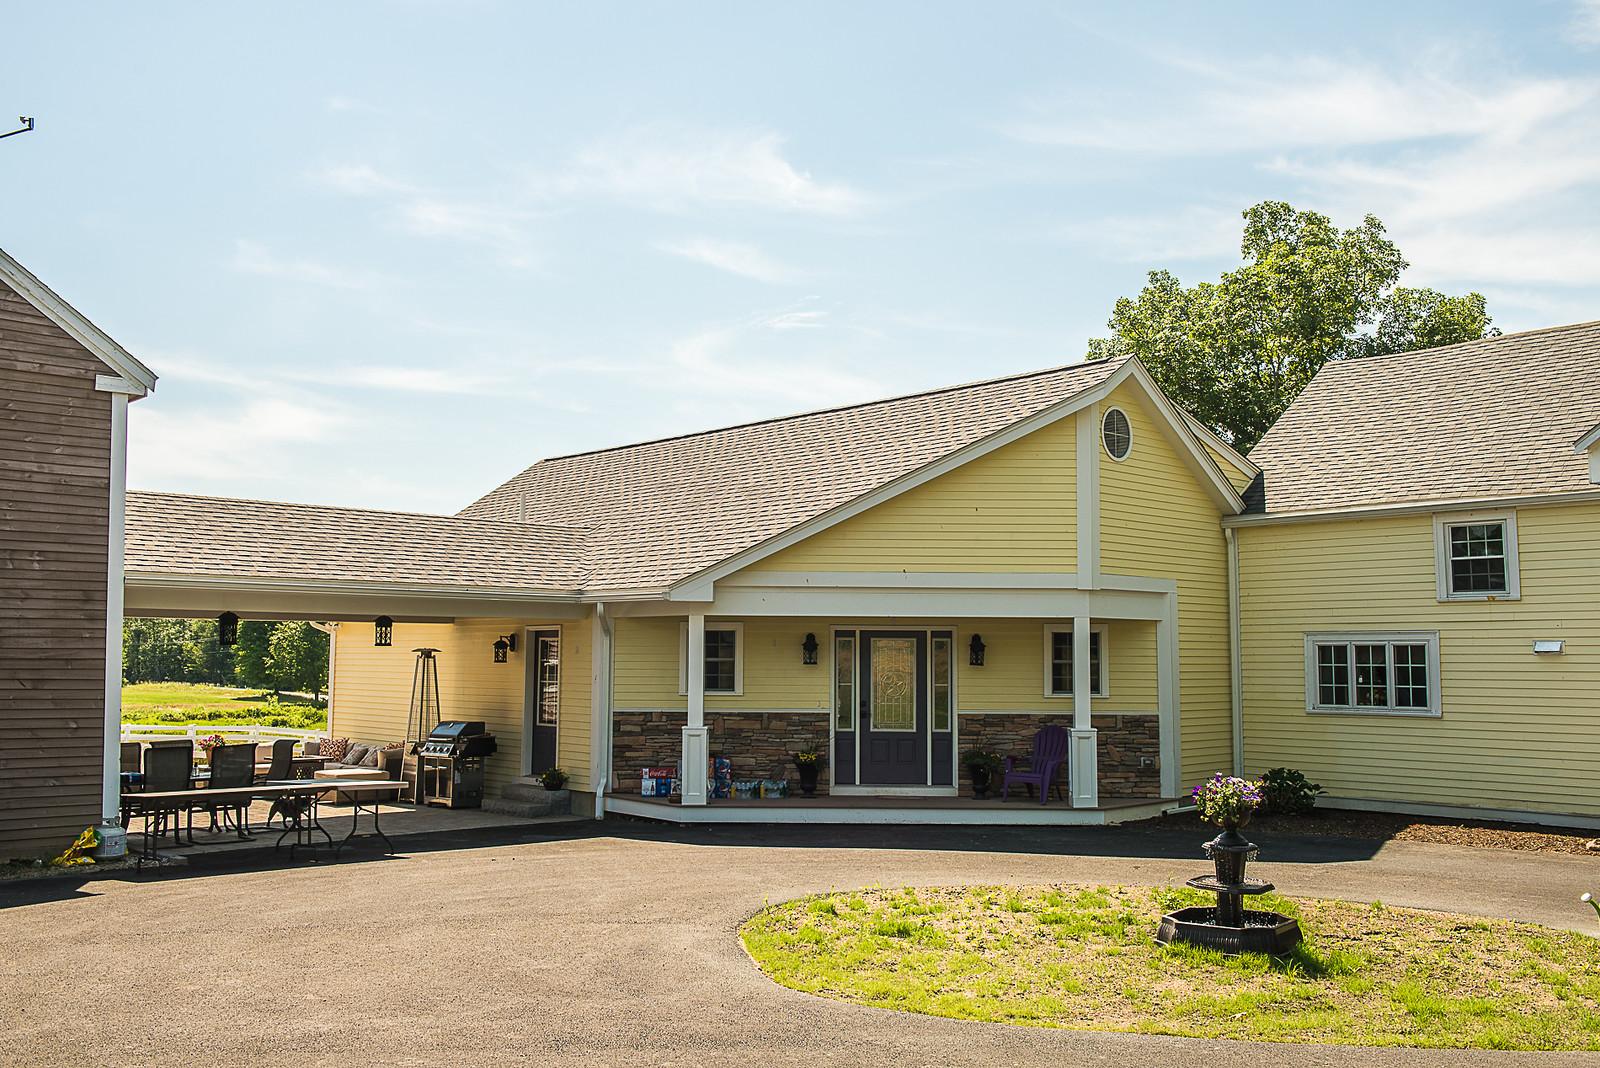 Plaistow farm house addition 2.jpg